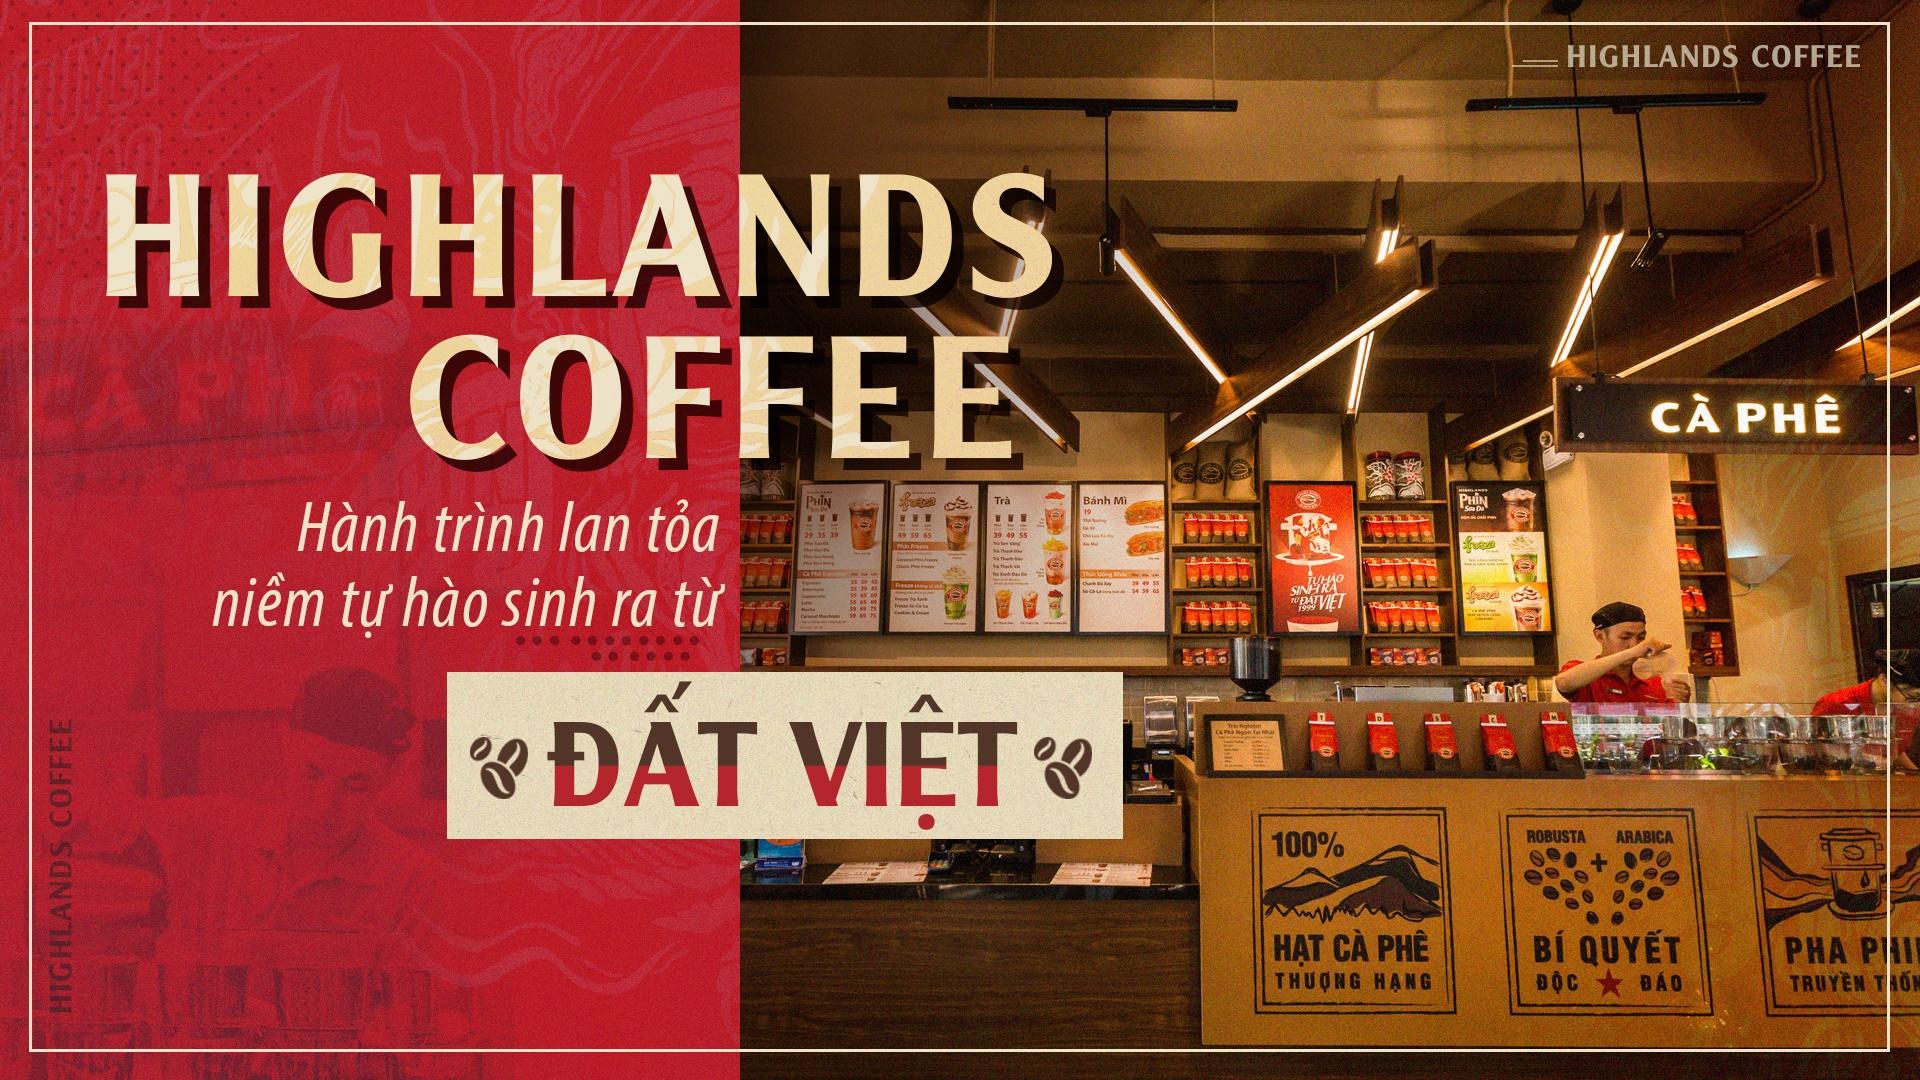 Khám phá sắc Việt trong thiết kế quán Highlands Coffee